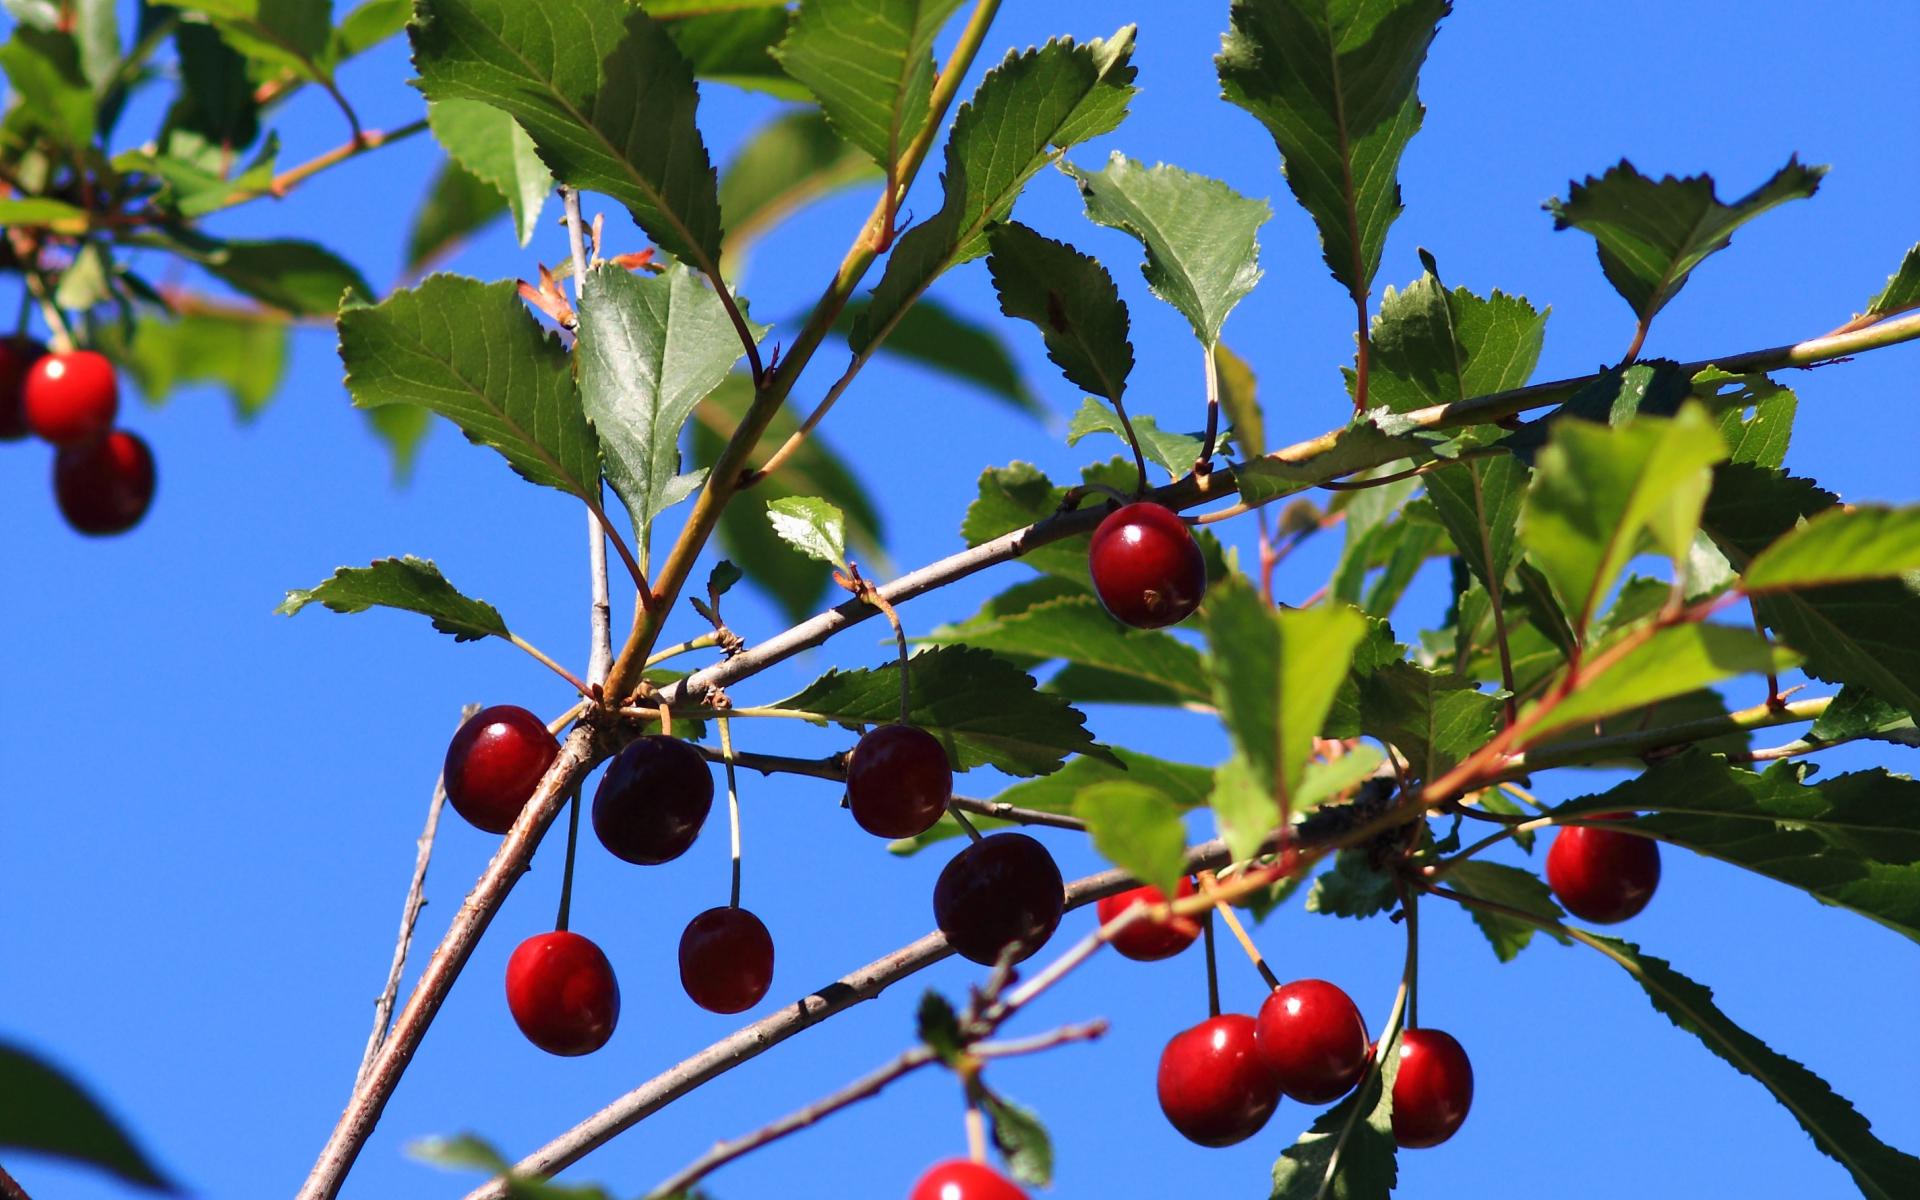 cerisier-credit-valentin-hintikka